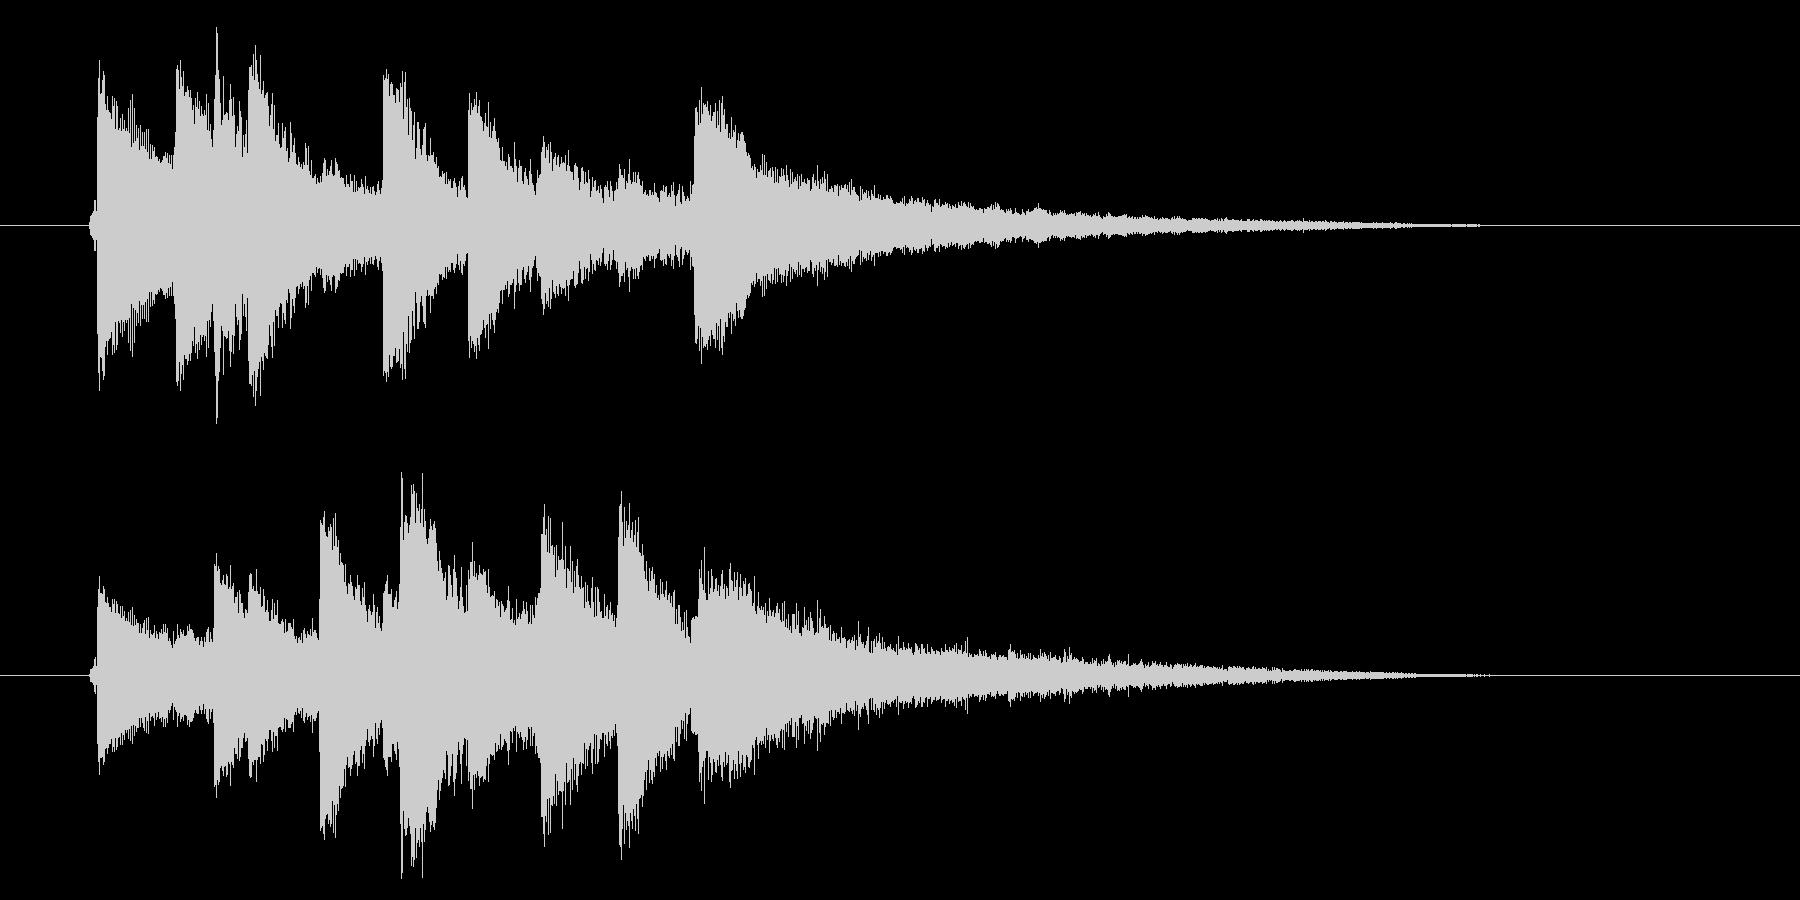 民族音楽風弦楽器サウンド(番組、ゲーム)の未再生の波形